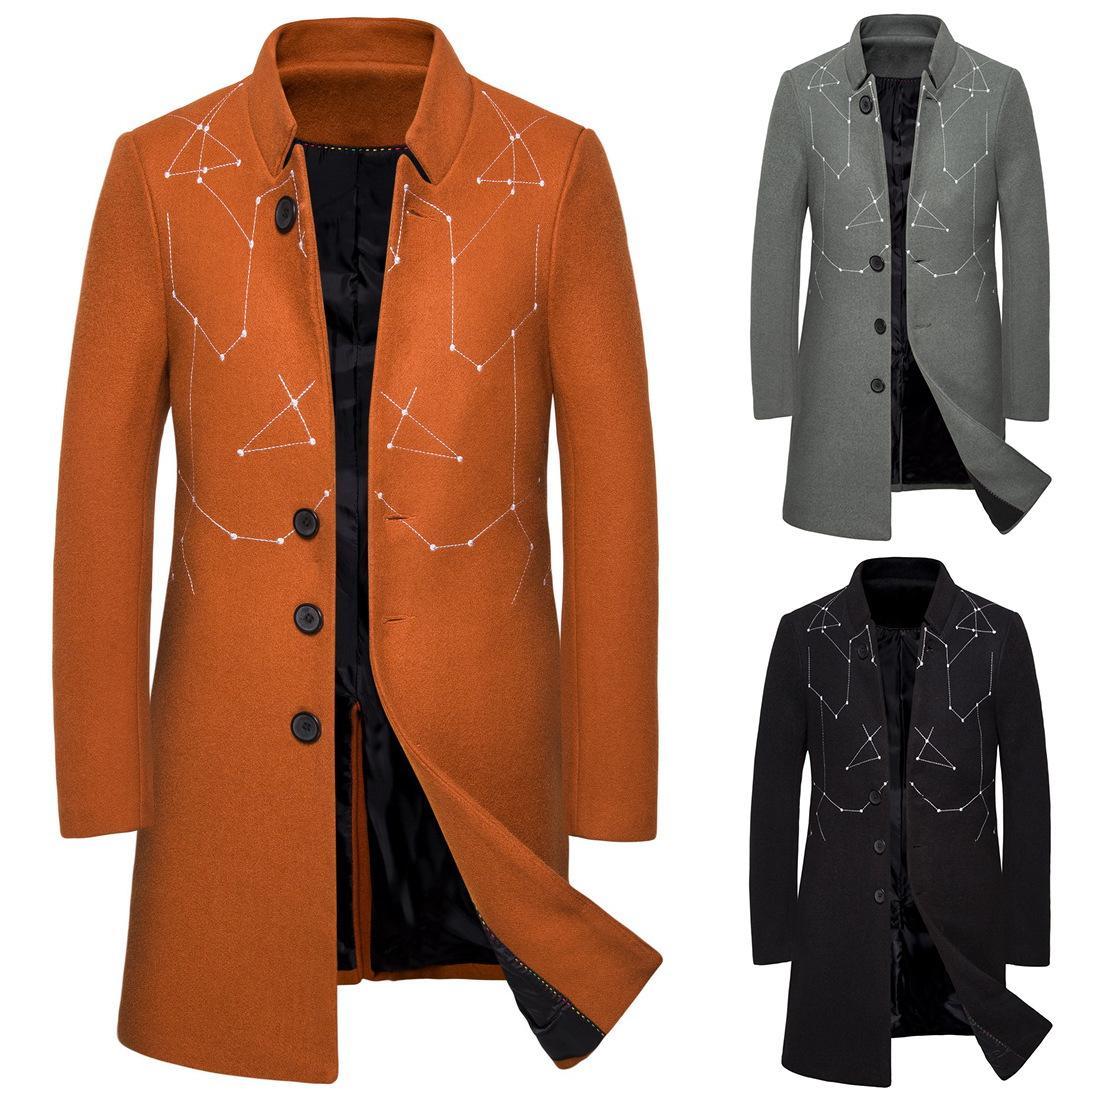 Neue Herbst Winter Woll Trenchcoat Männer Bestickt Einfarbig männer Mittellange Trenchcoat Casual Wollmantel Für Männer J1907126